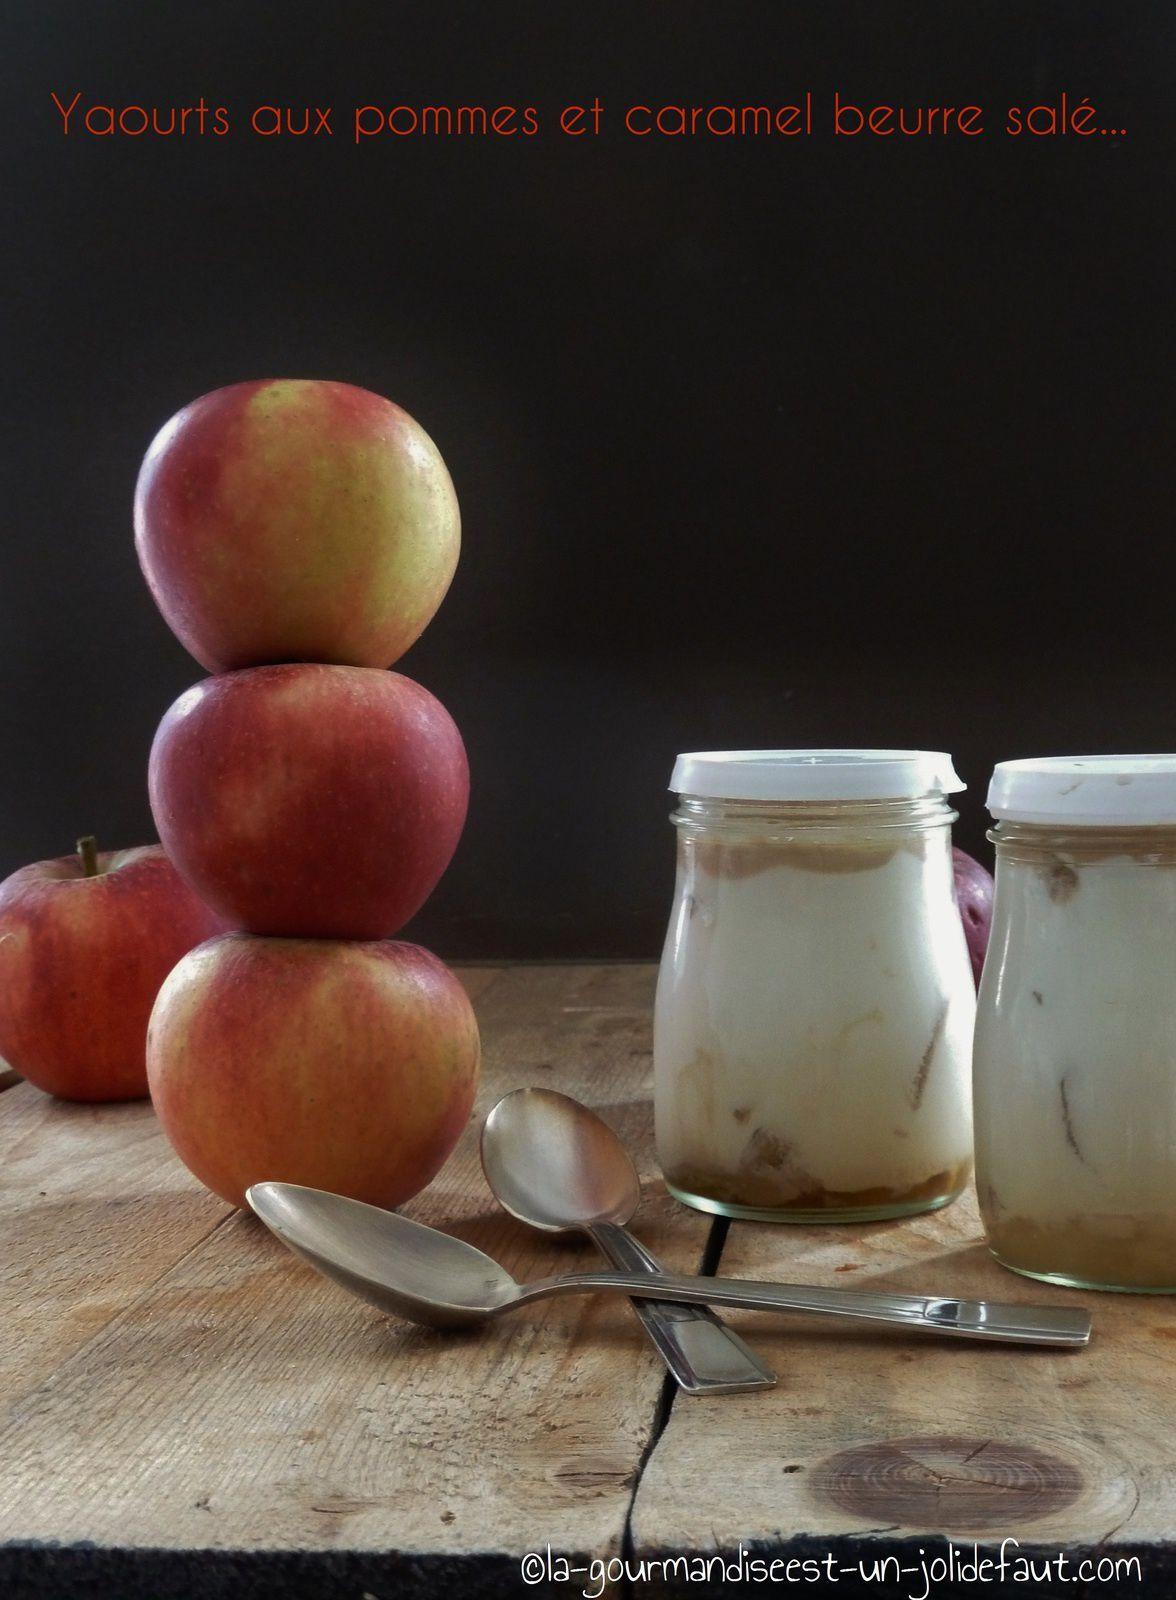 Yaourts aux pommes caramélisées et au caramel au beurre salé